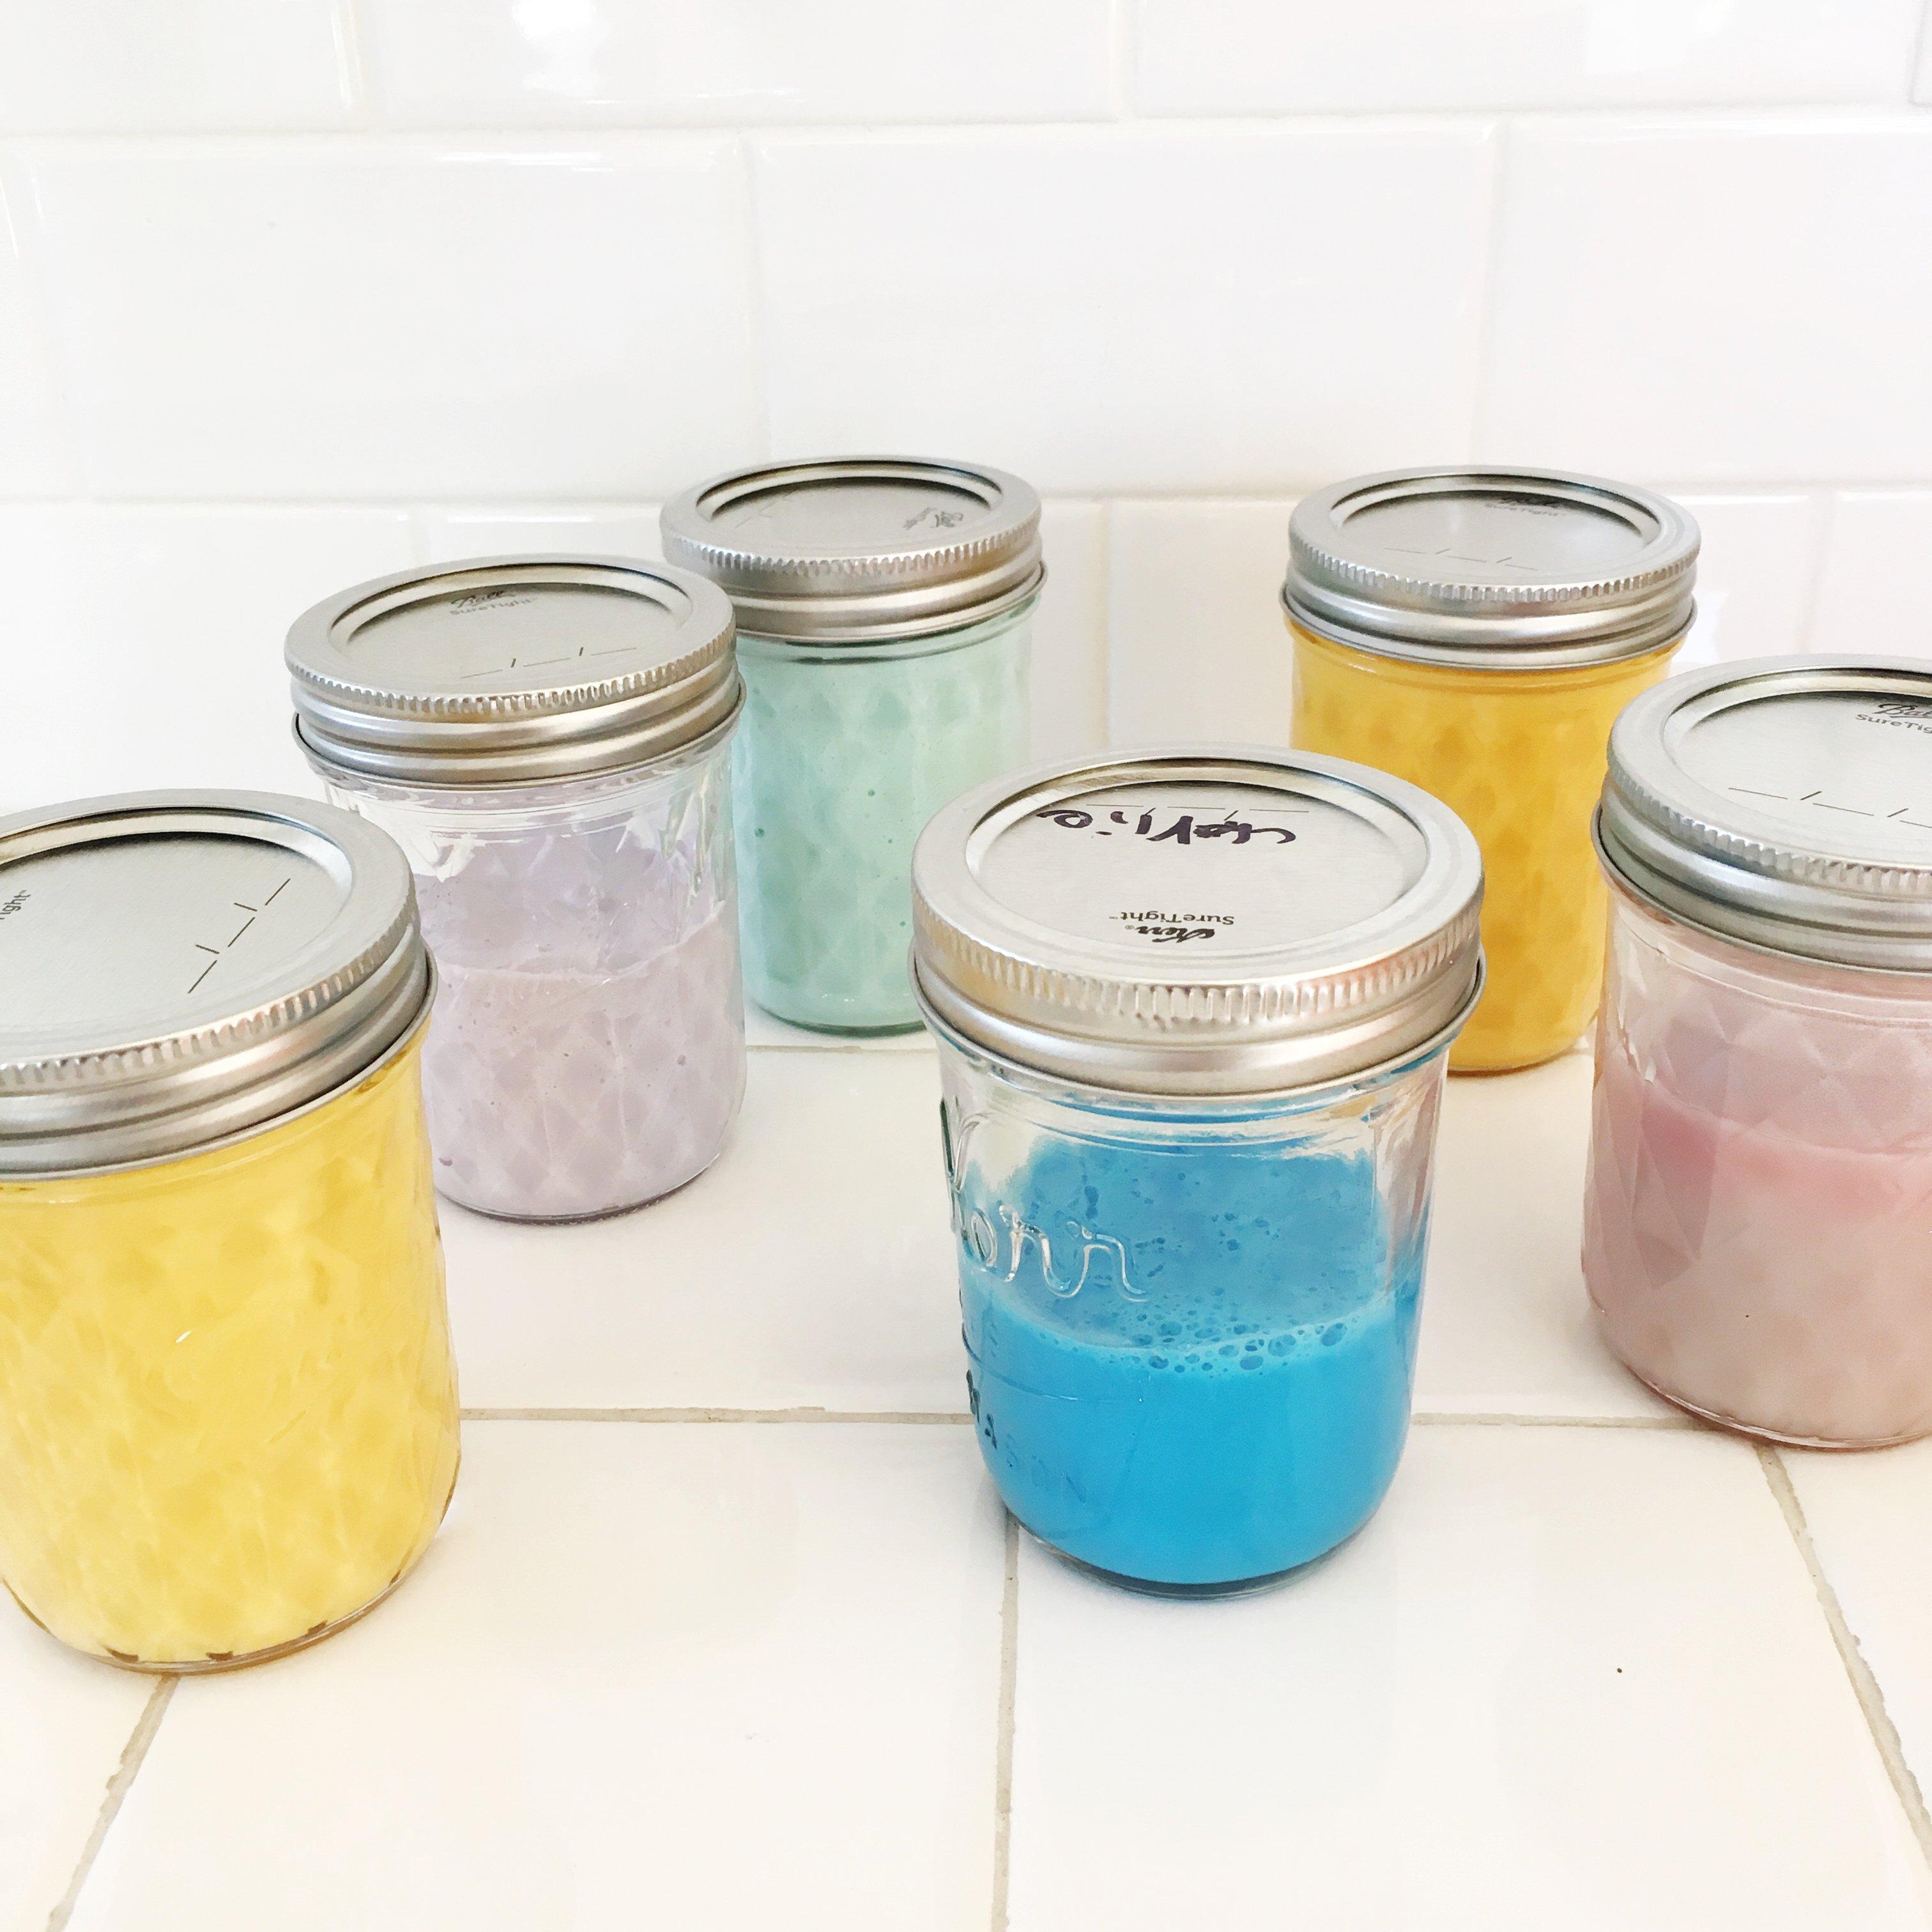 slime in jars